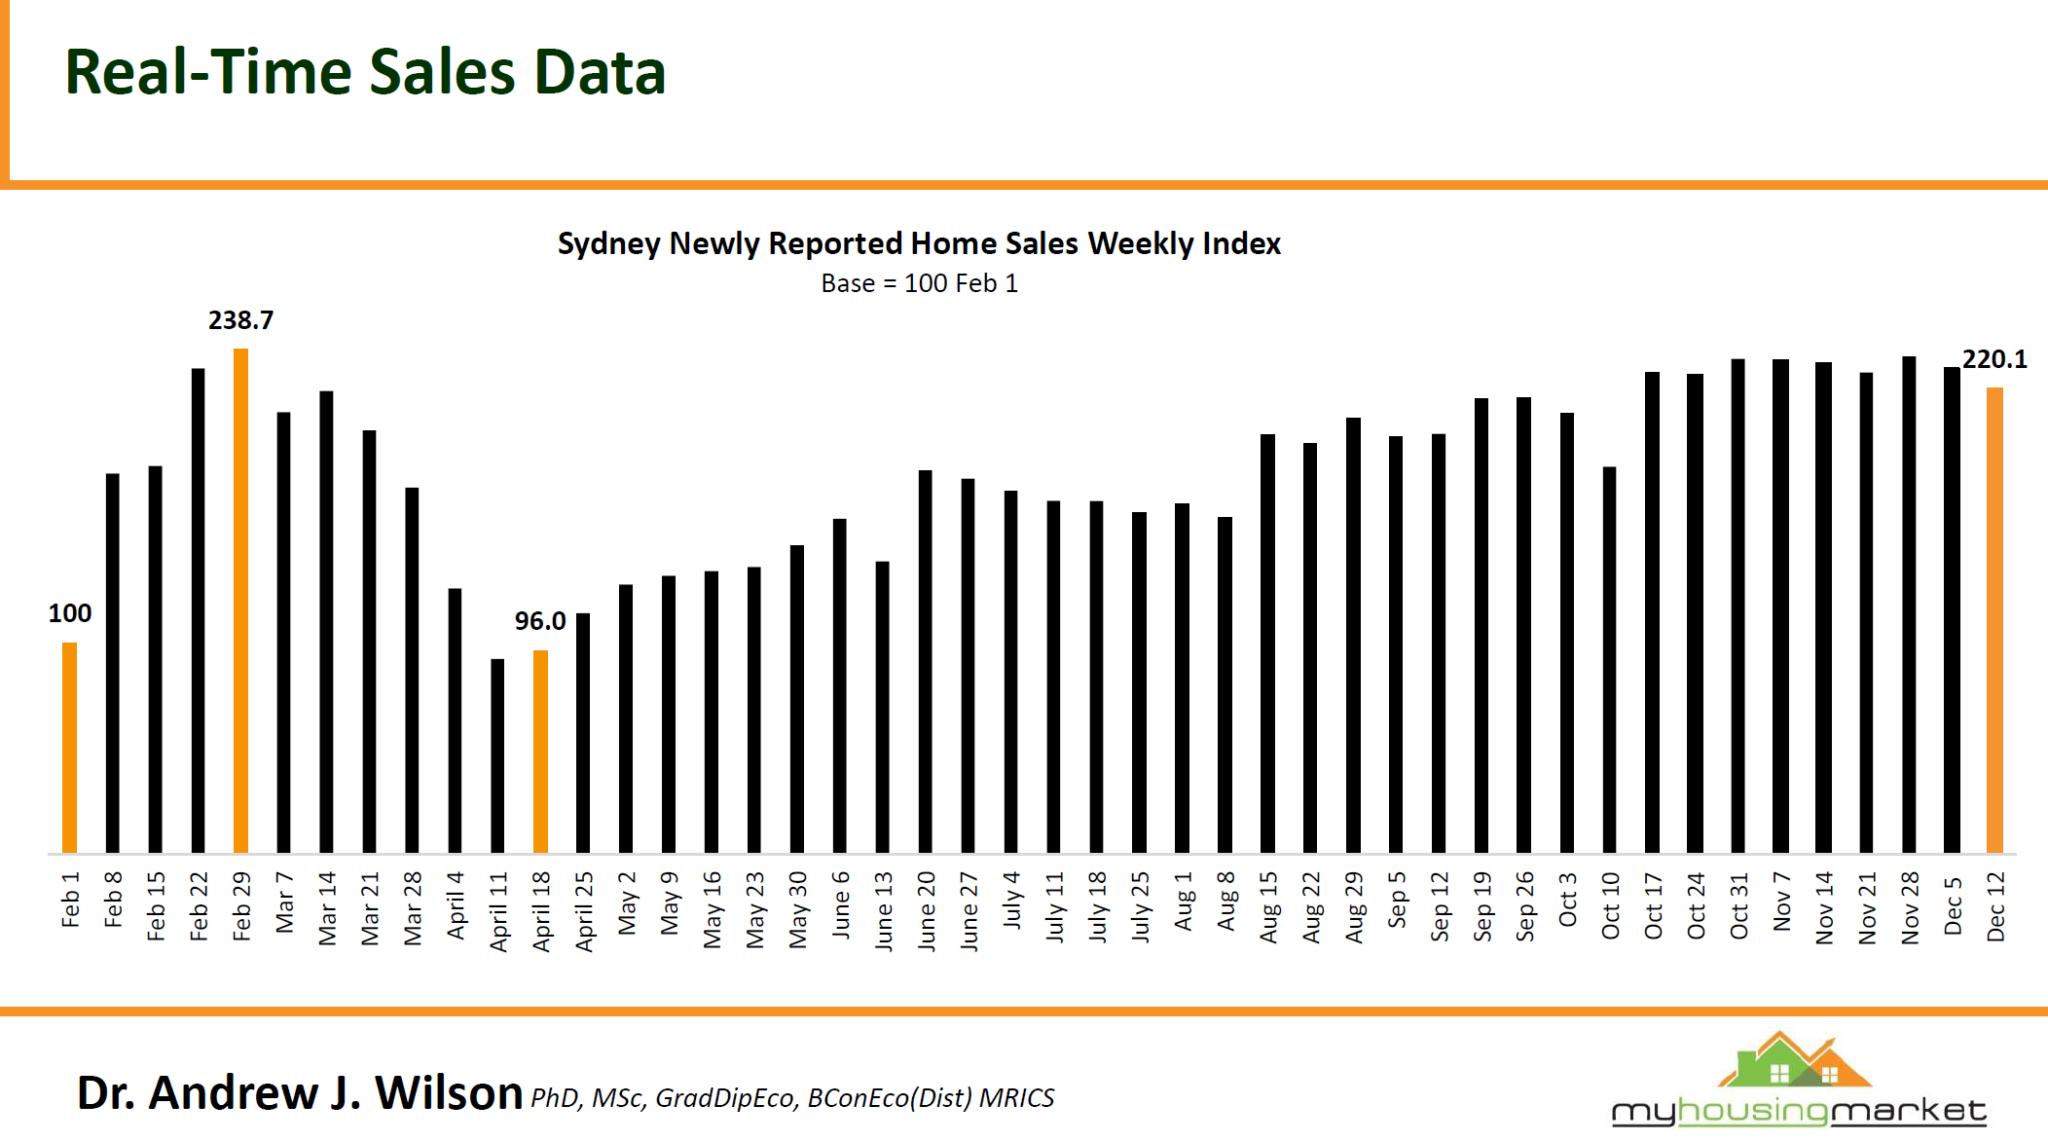 投资澳洲房产:2021-2022年悉尼房产市场将强劲增长